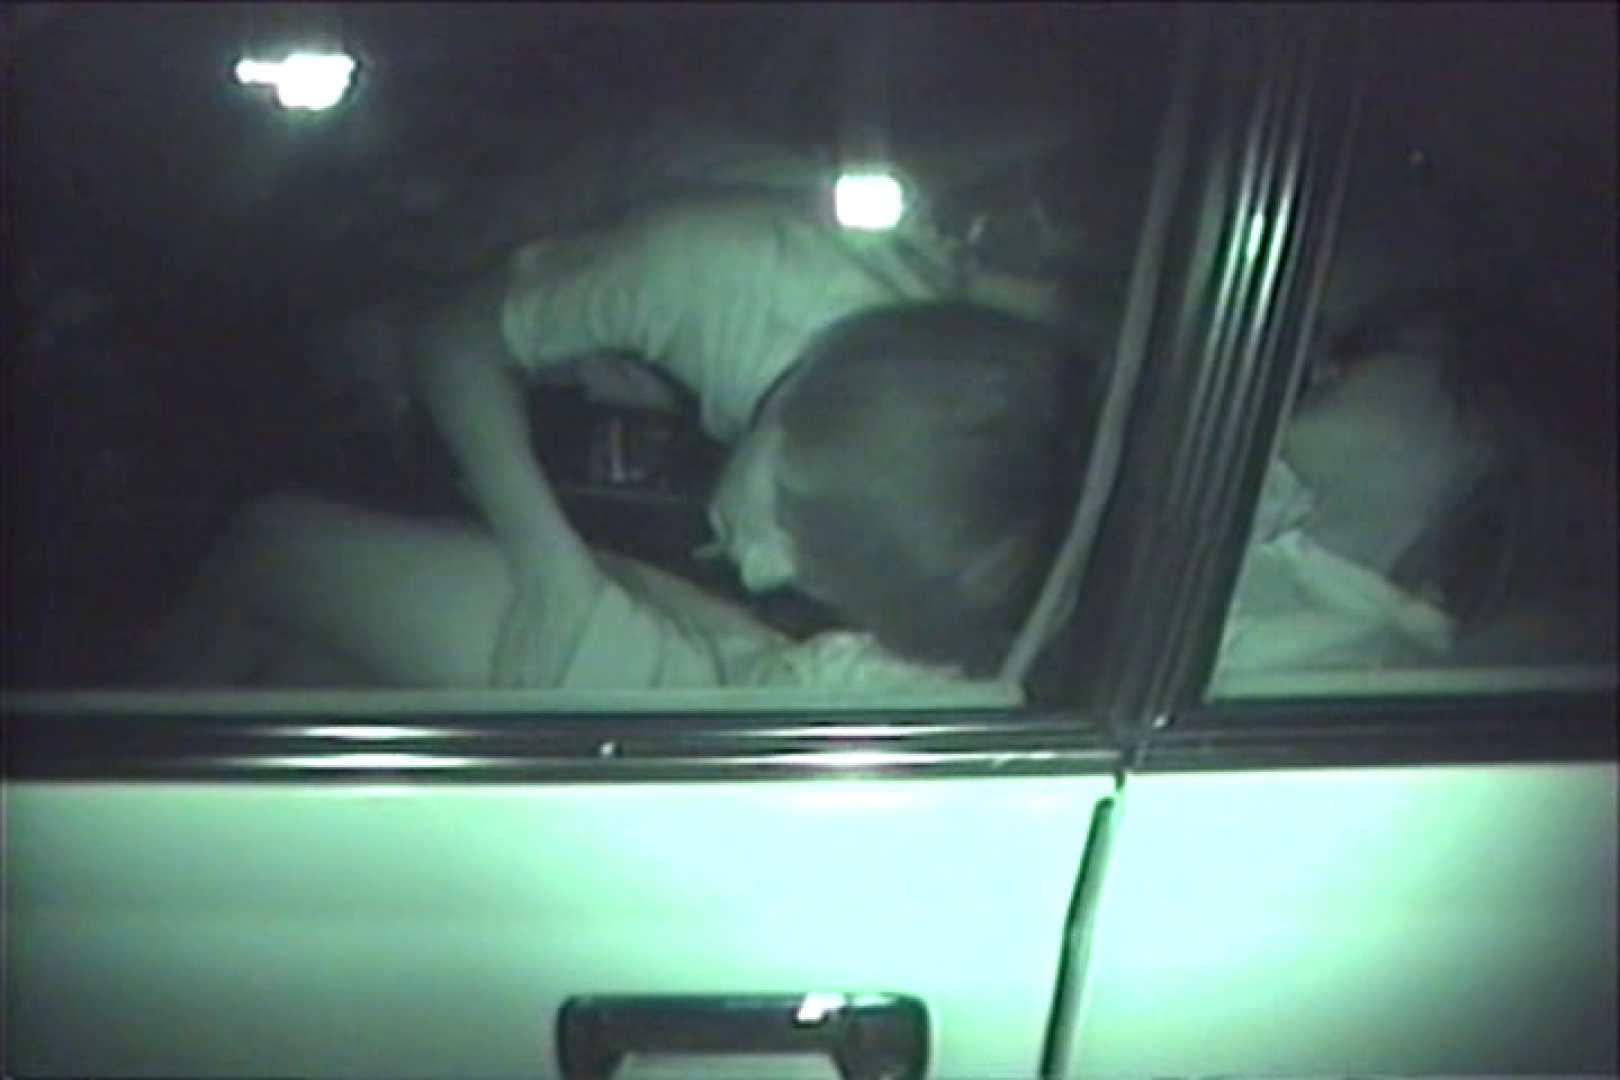 車の中はラブホテル 無修正版  Vol.18 ラブホテル隠し撮り  100pic 14